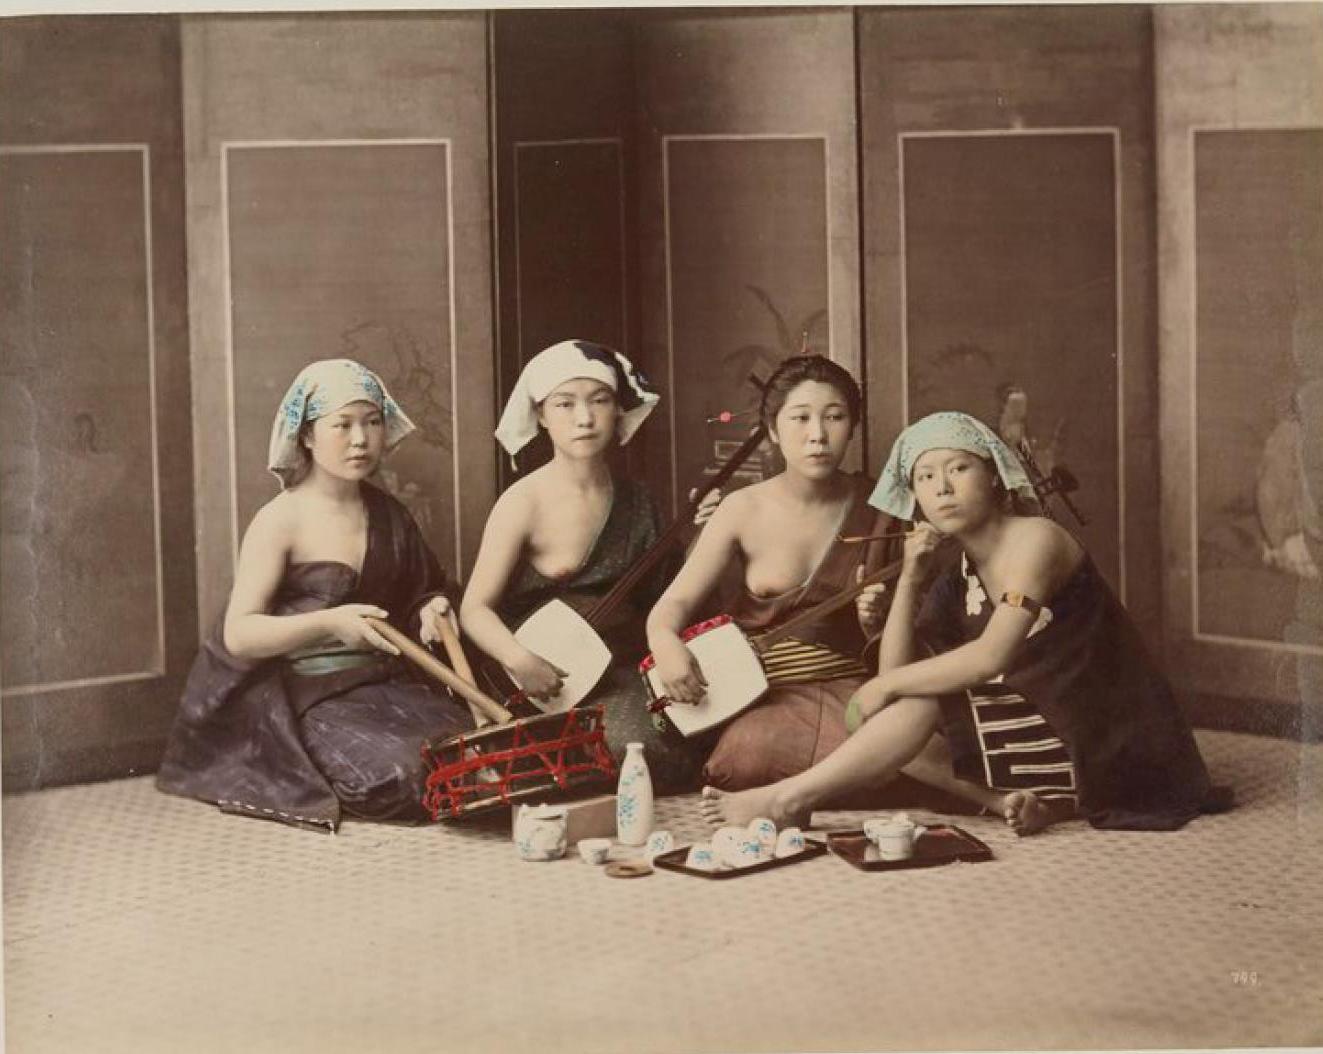 Четыре исполнительницы пьют сакэ